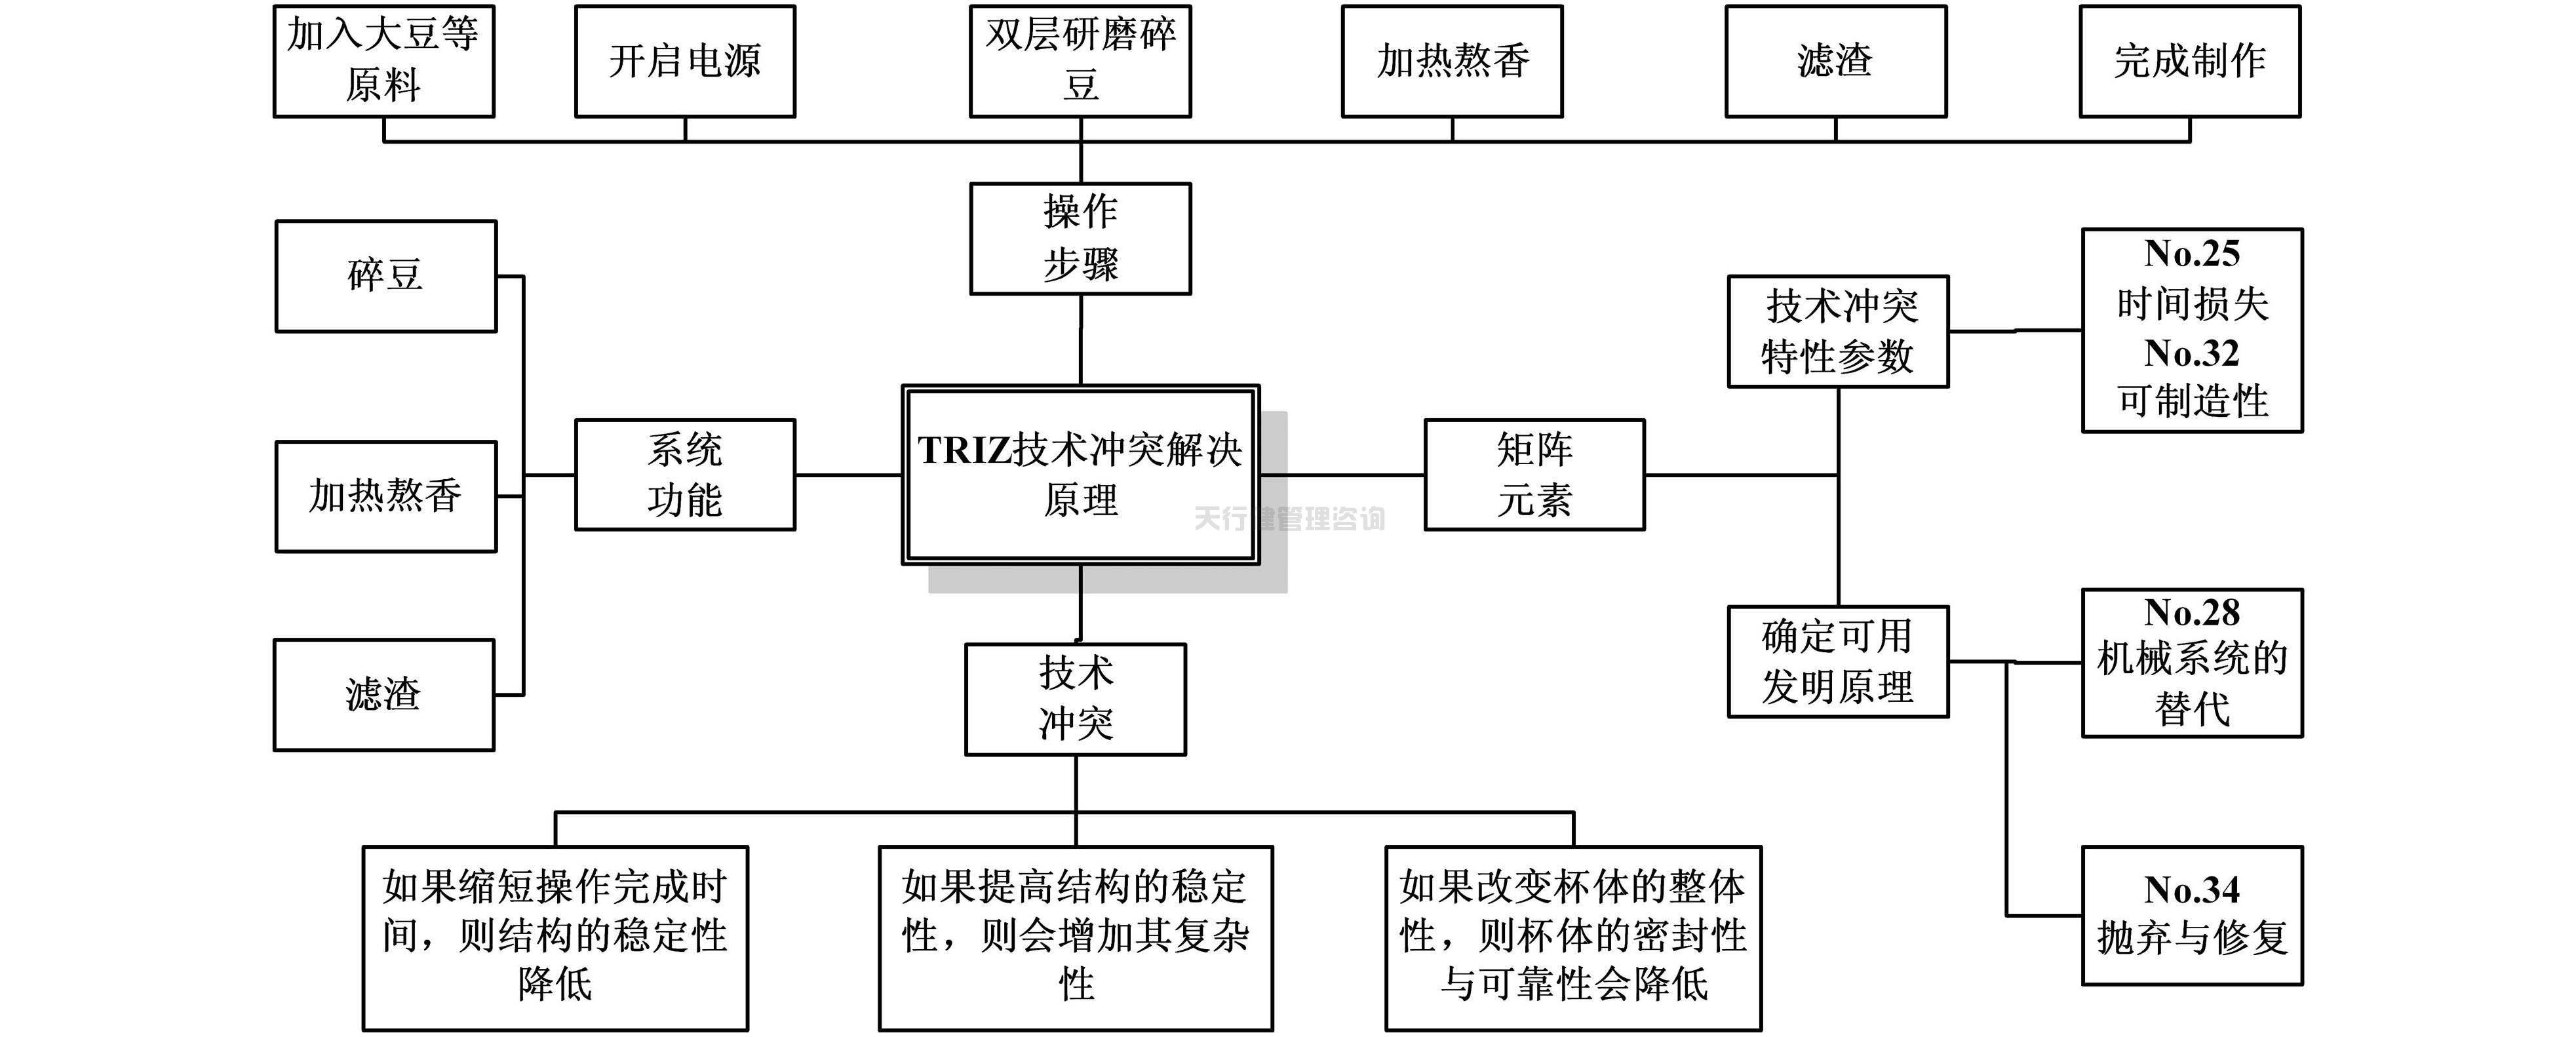 冲突管理理论_依据TRIZ创新设计理论对家用小型豆浆机的改进设计方案_天行健 ...